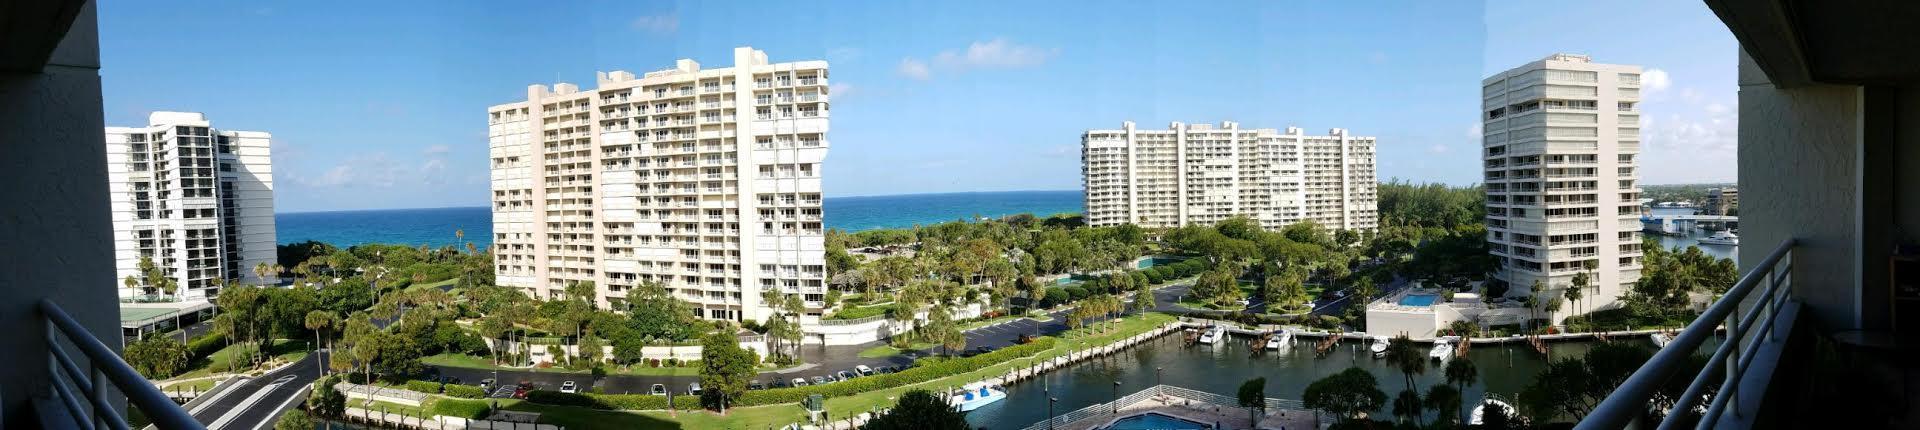 4201 N Ocean Boulevard #902 Boca Raton, FL 33431